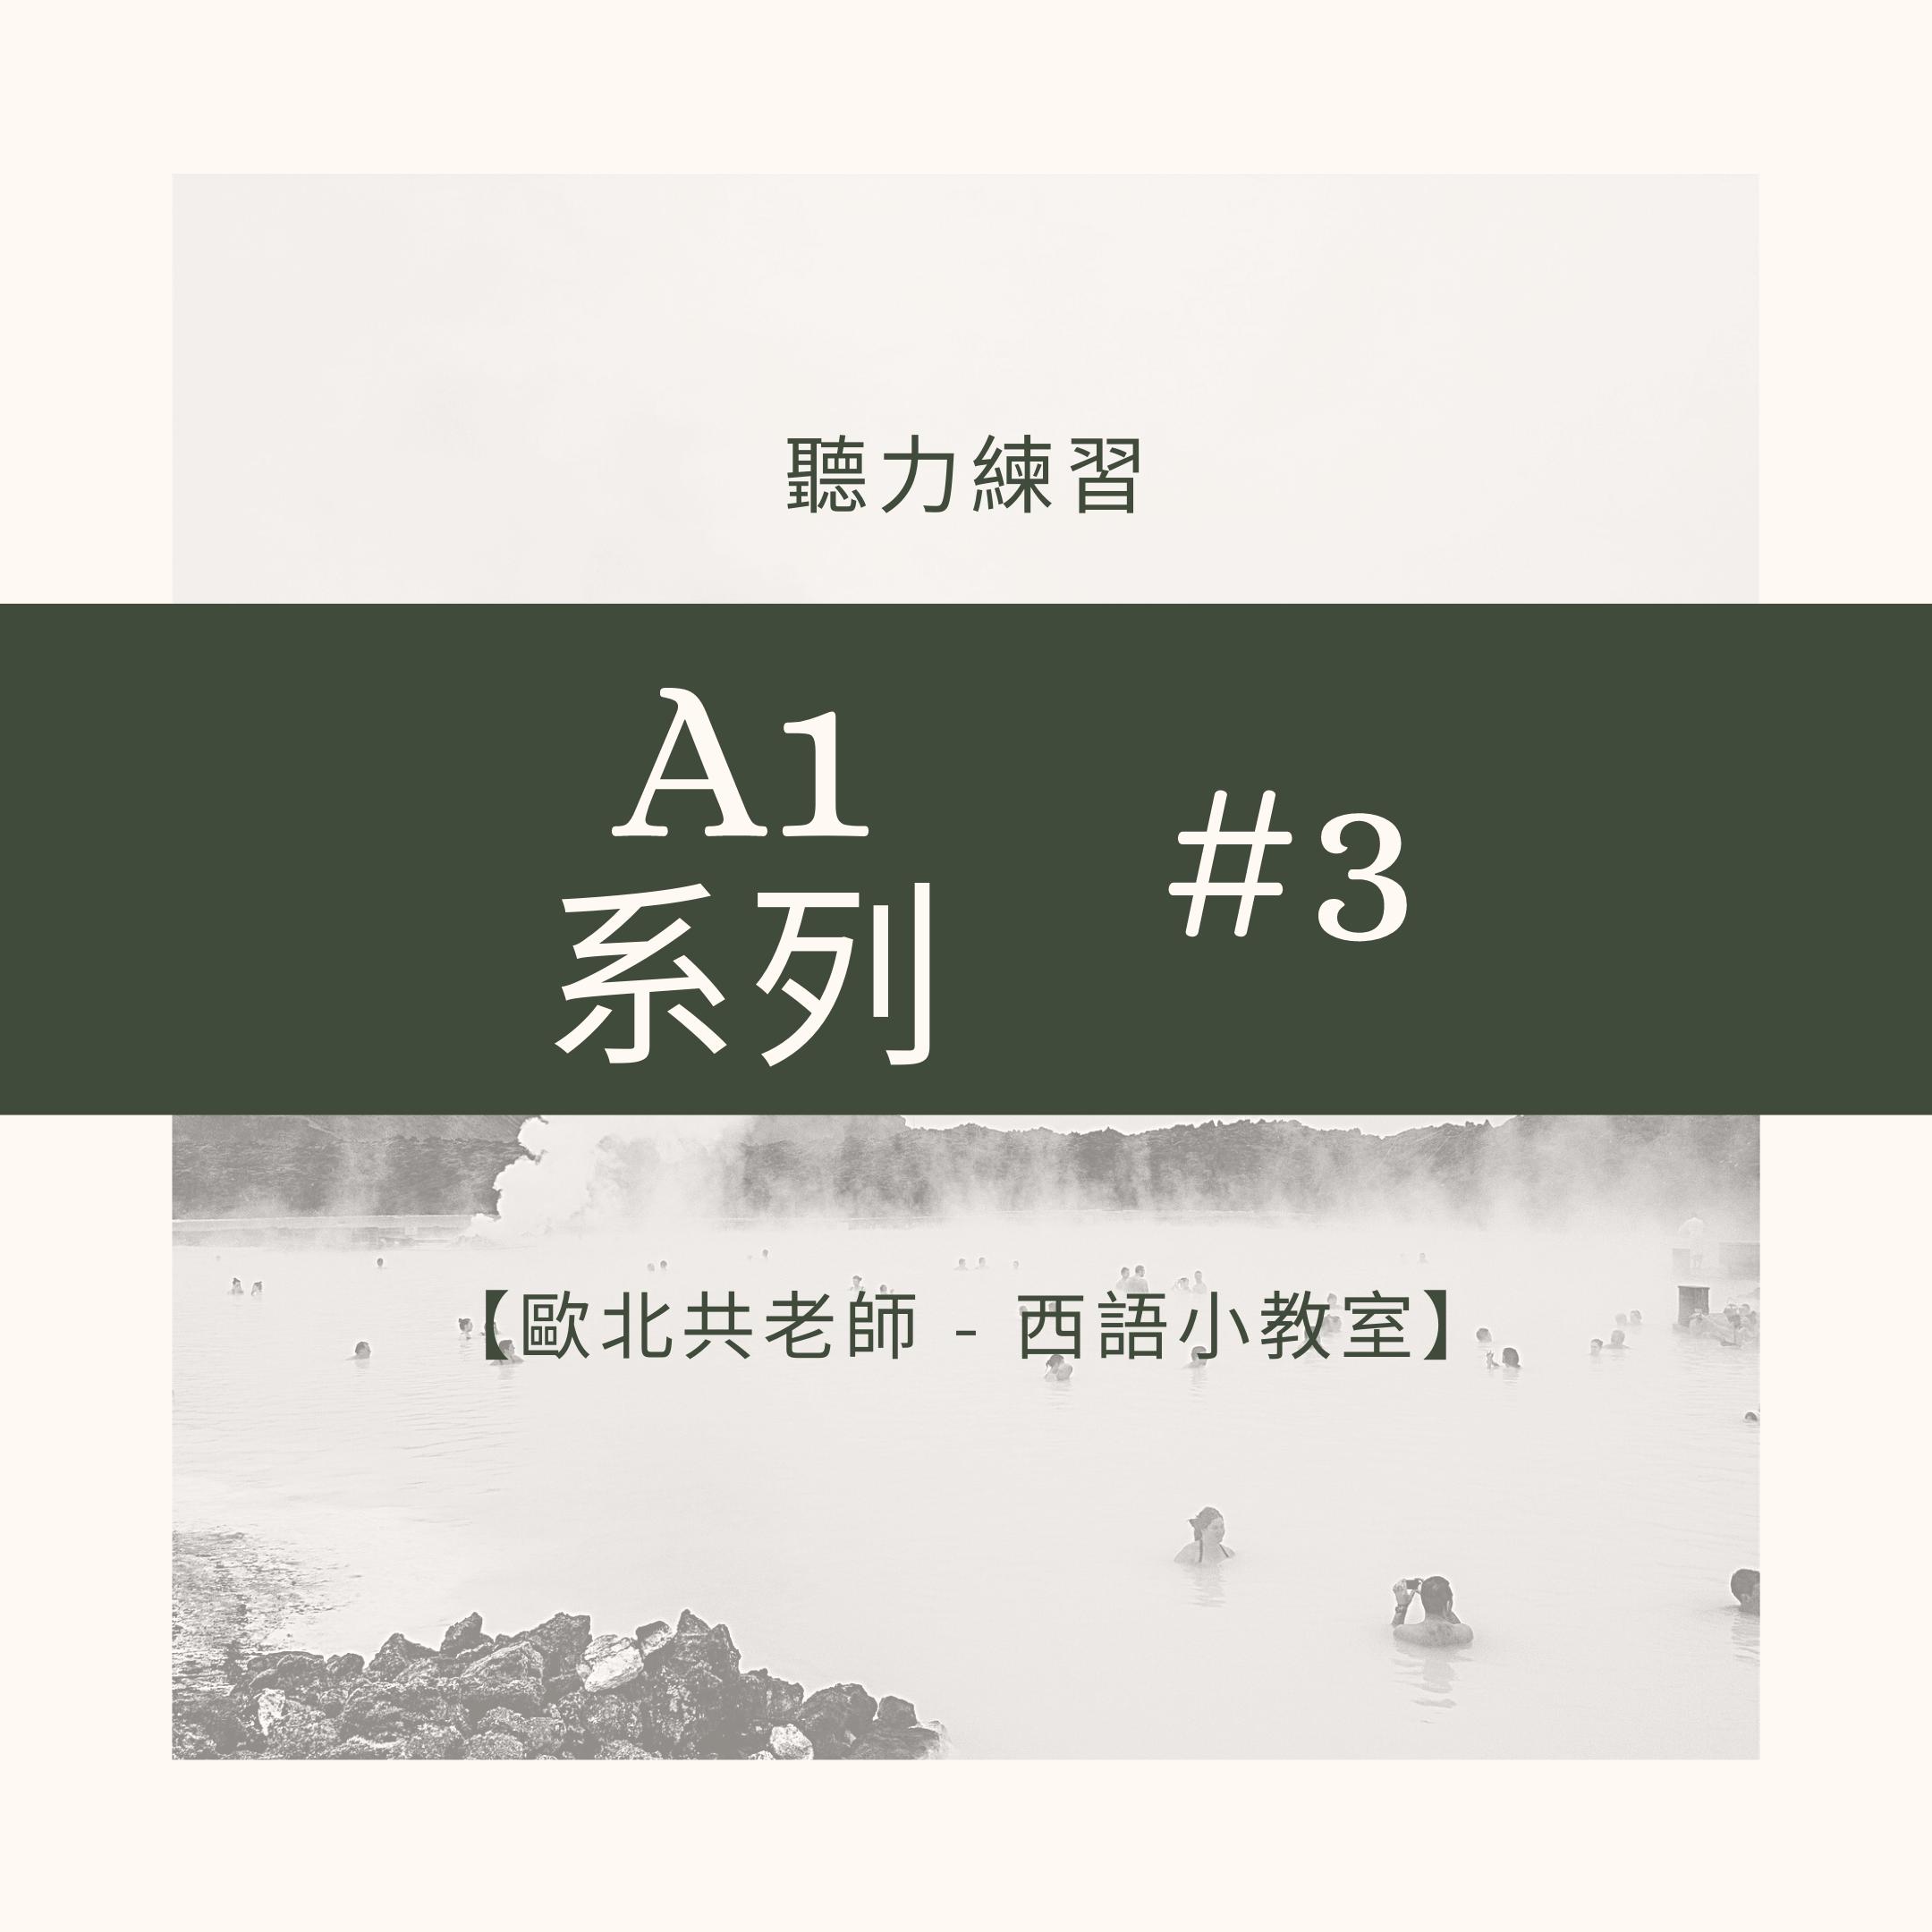 【#18Episode】- A1 教學系列 (聽力練習) #3